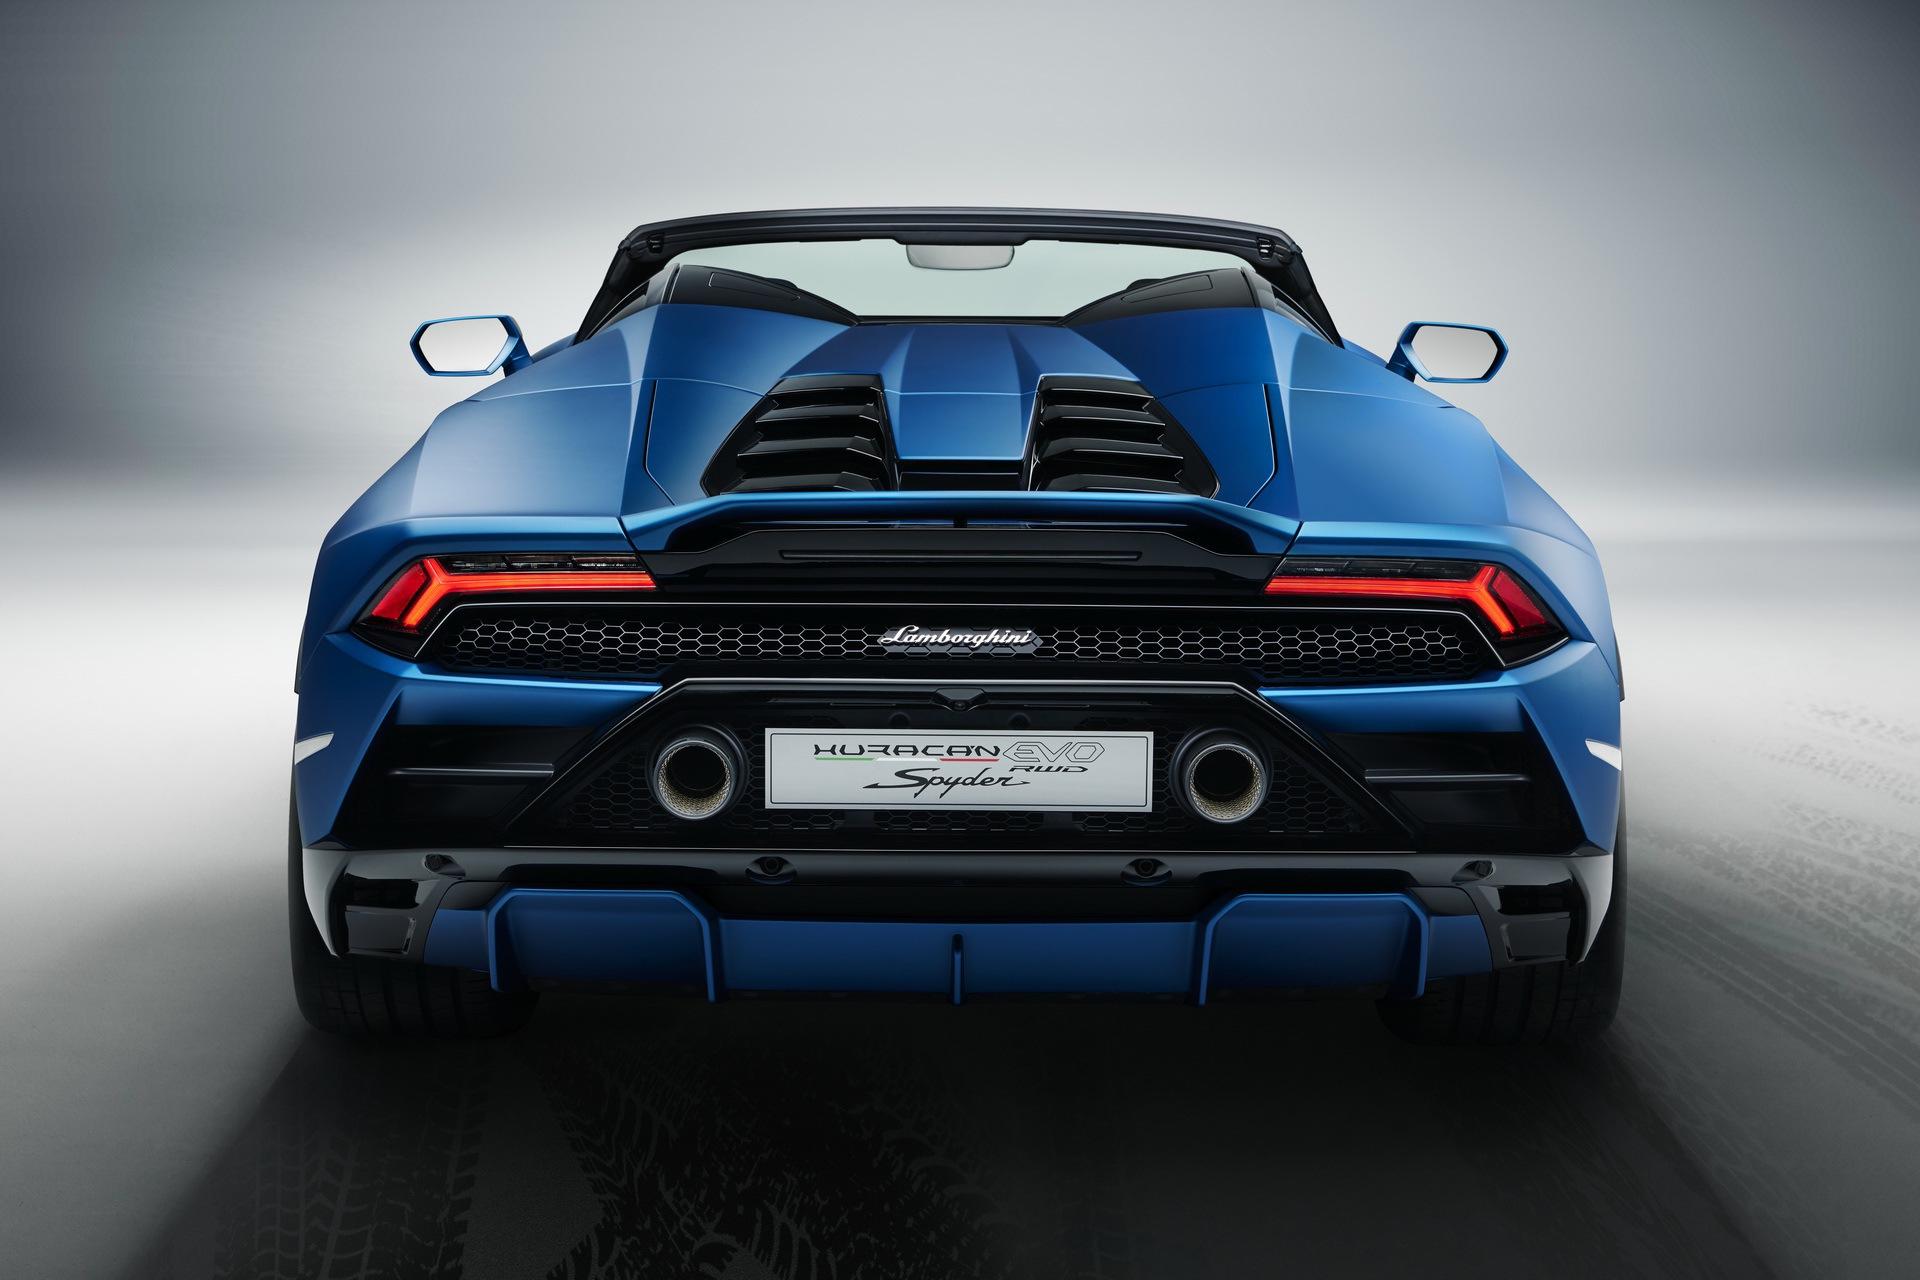 Lamborghini_Huracan_EVO_Spyder_RWD_0007